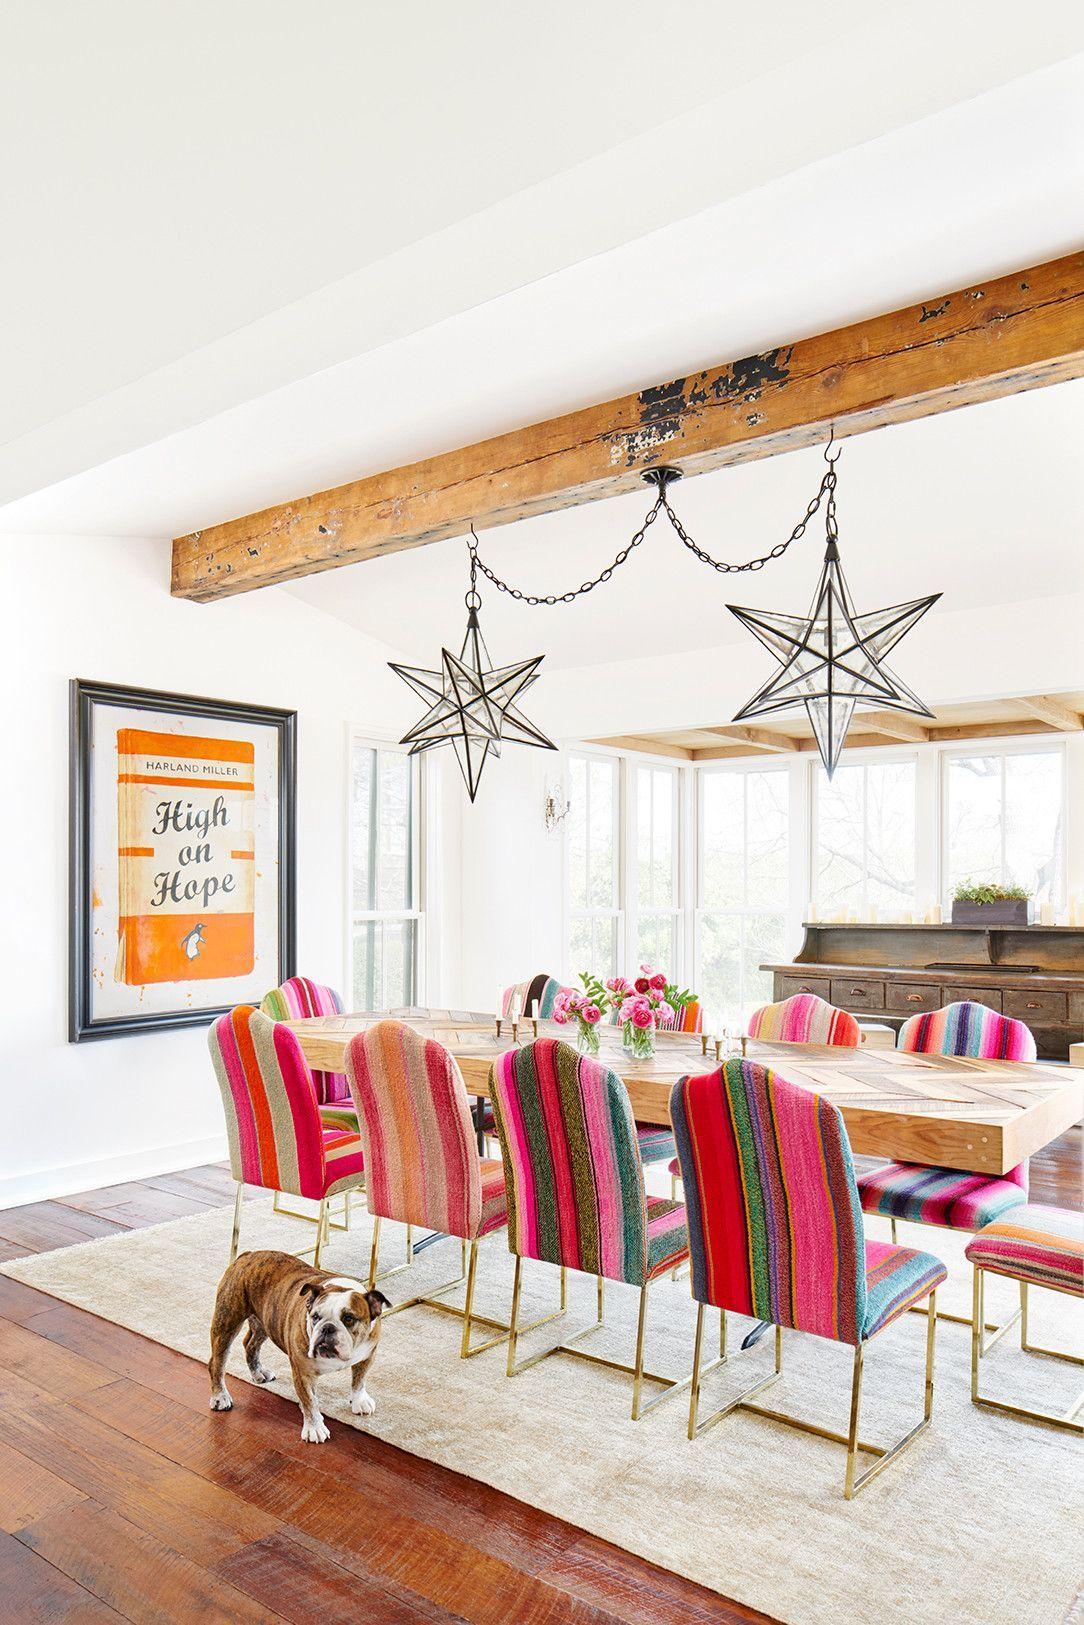 Beleuchtung für die unterputzmontage im esszimmer  different dining chairs are waiting for you choose your favorite